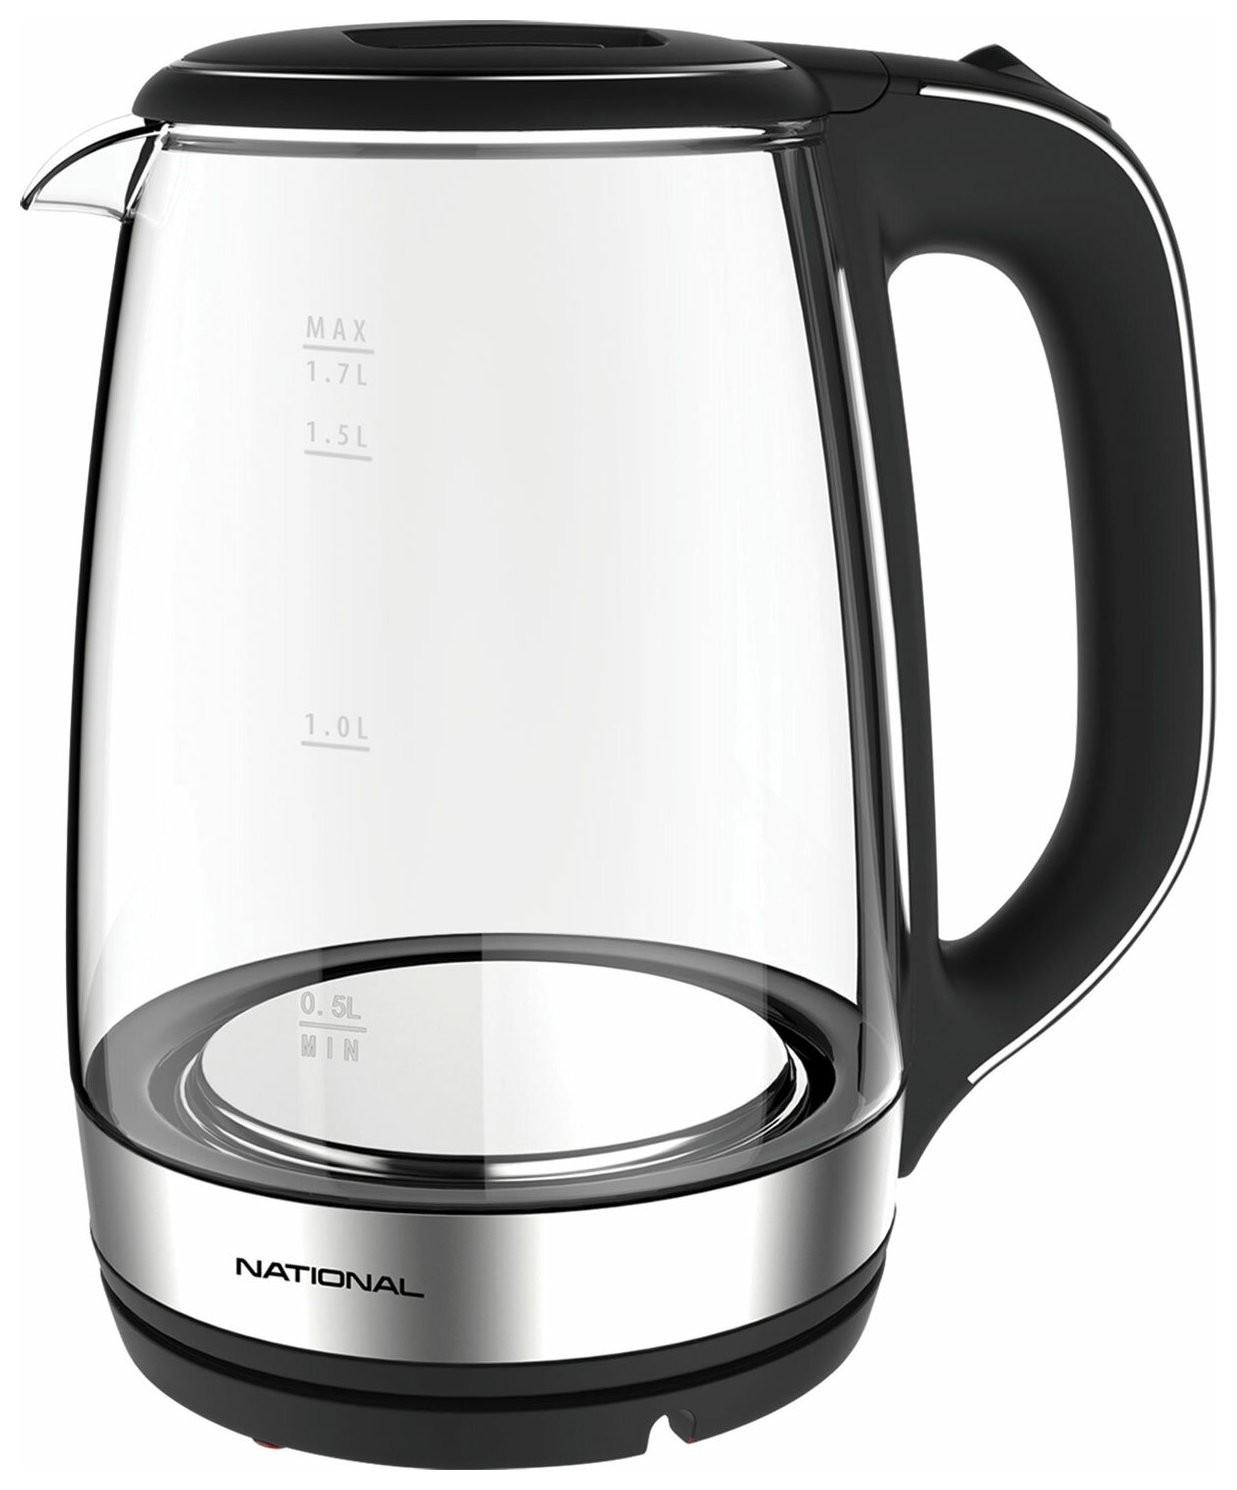 Чайник NATIONAL NK-KE17312, объем 1,7 л, 2200 Вт, закрытый нагревательный элемент, стекло, черный  National